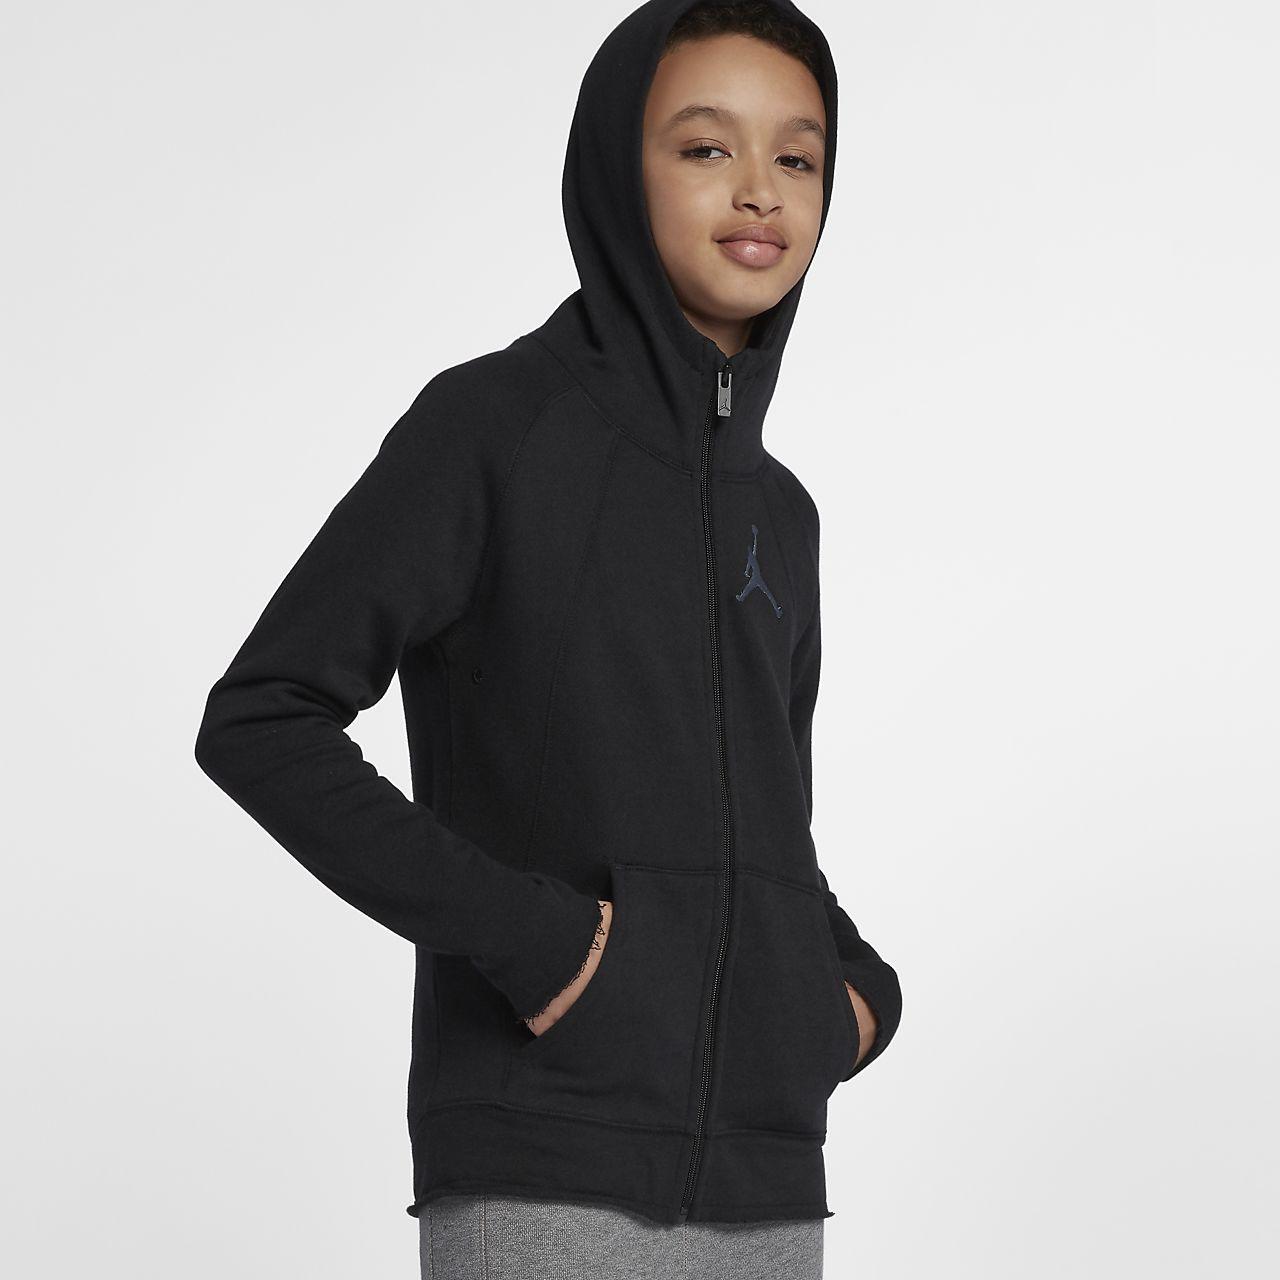 Μπλούζα με κουκούλα και φερμουάρ Jordan Sportswear Wings Lite για μεγάλα αγόρια